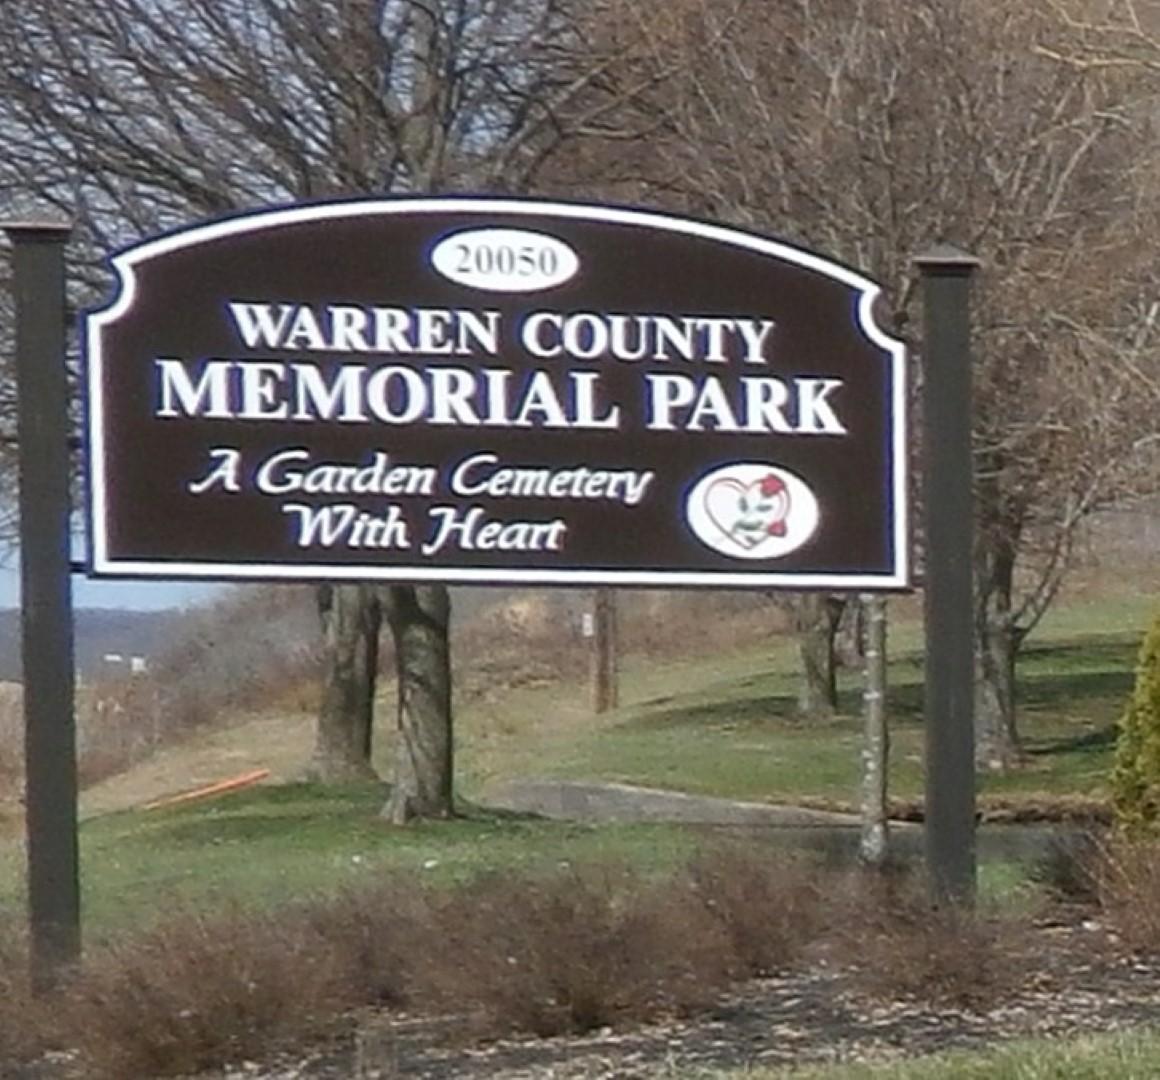 Warren County Memorial Park